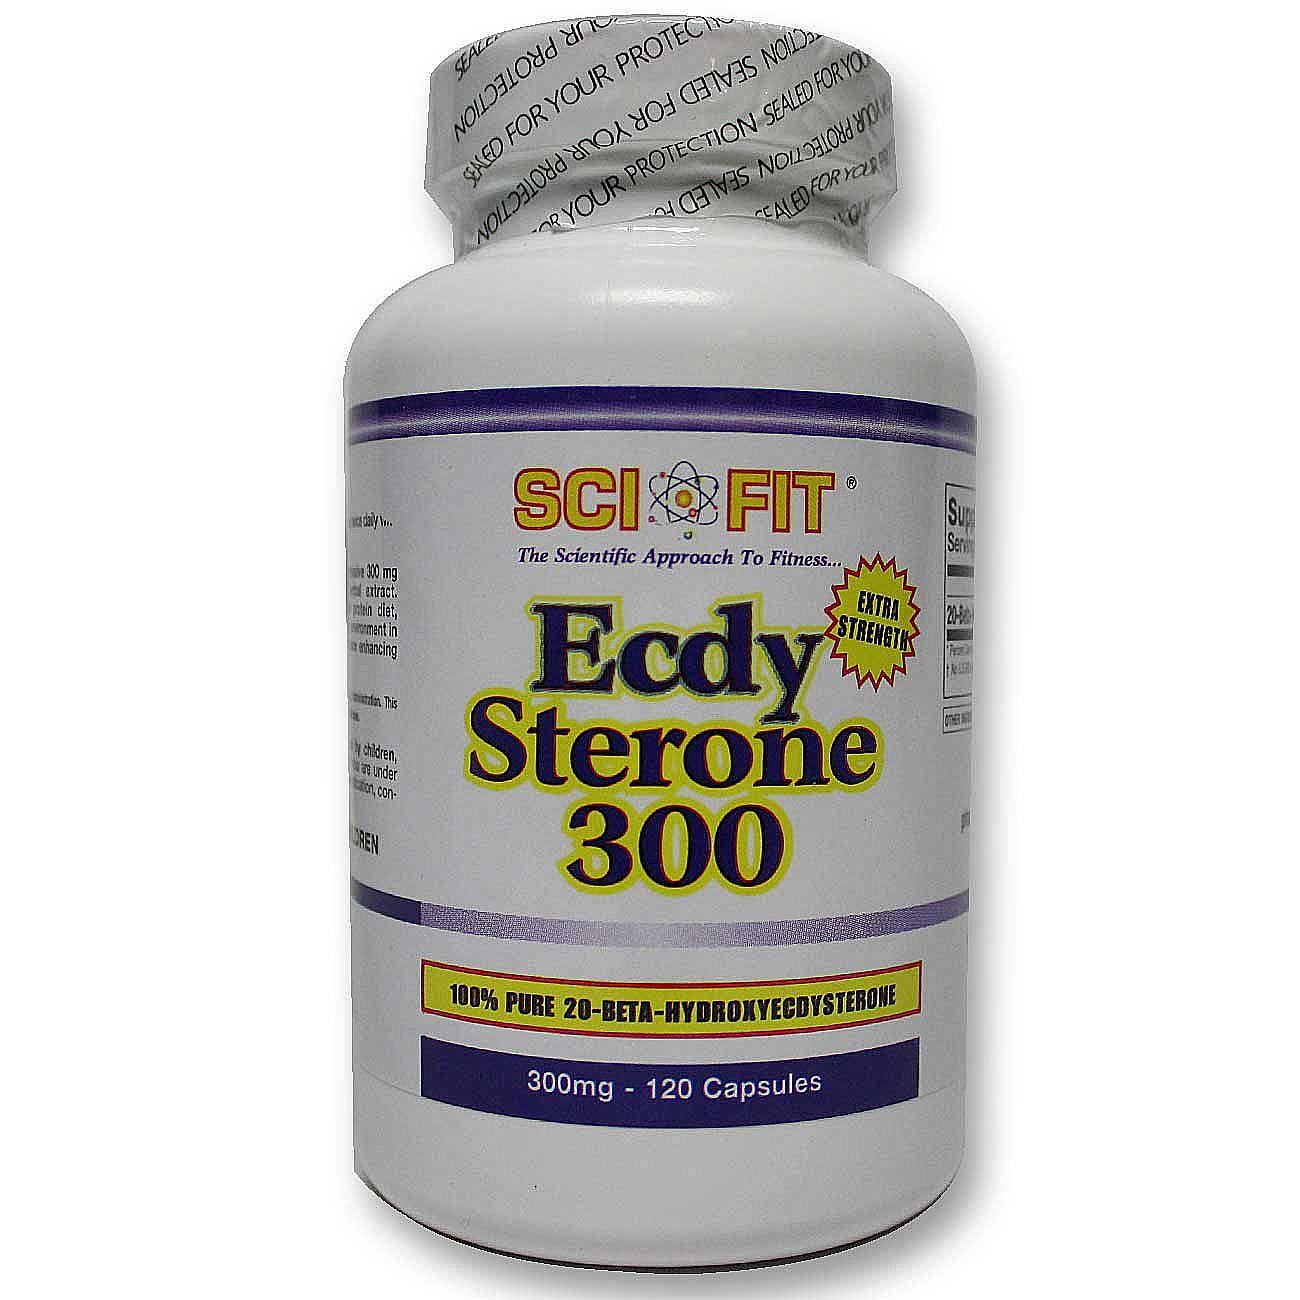 ecdysteron - HD1300×1300